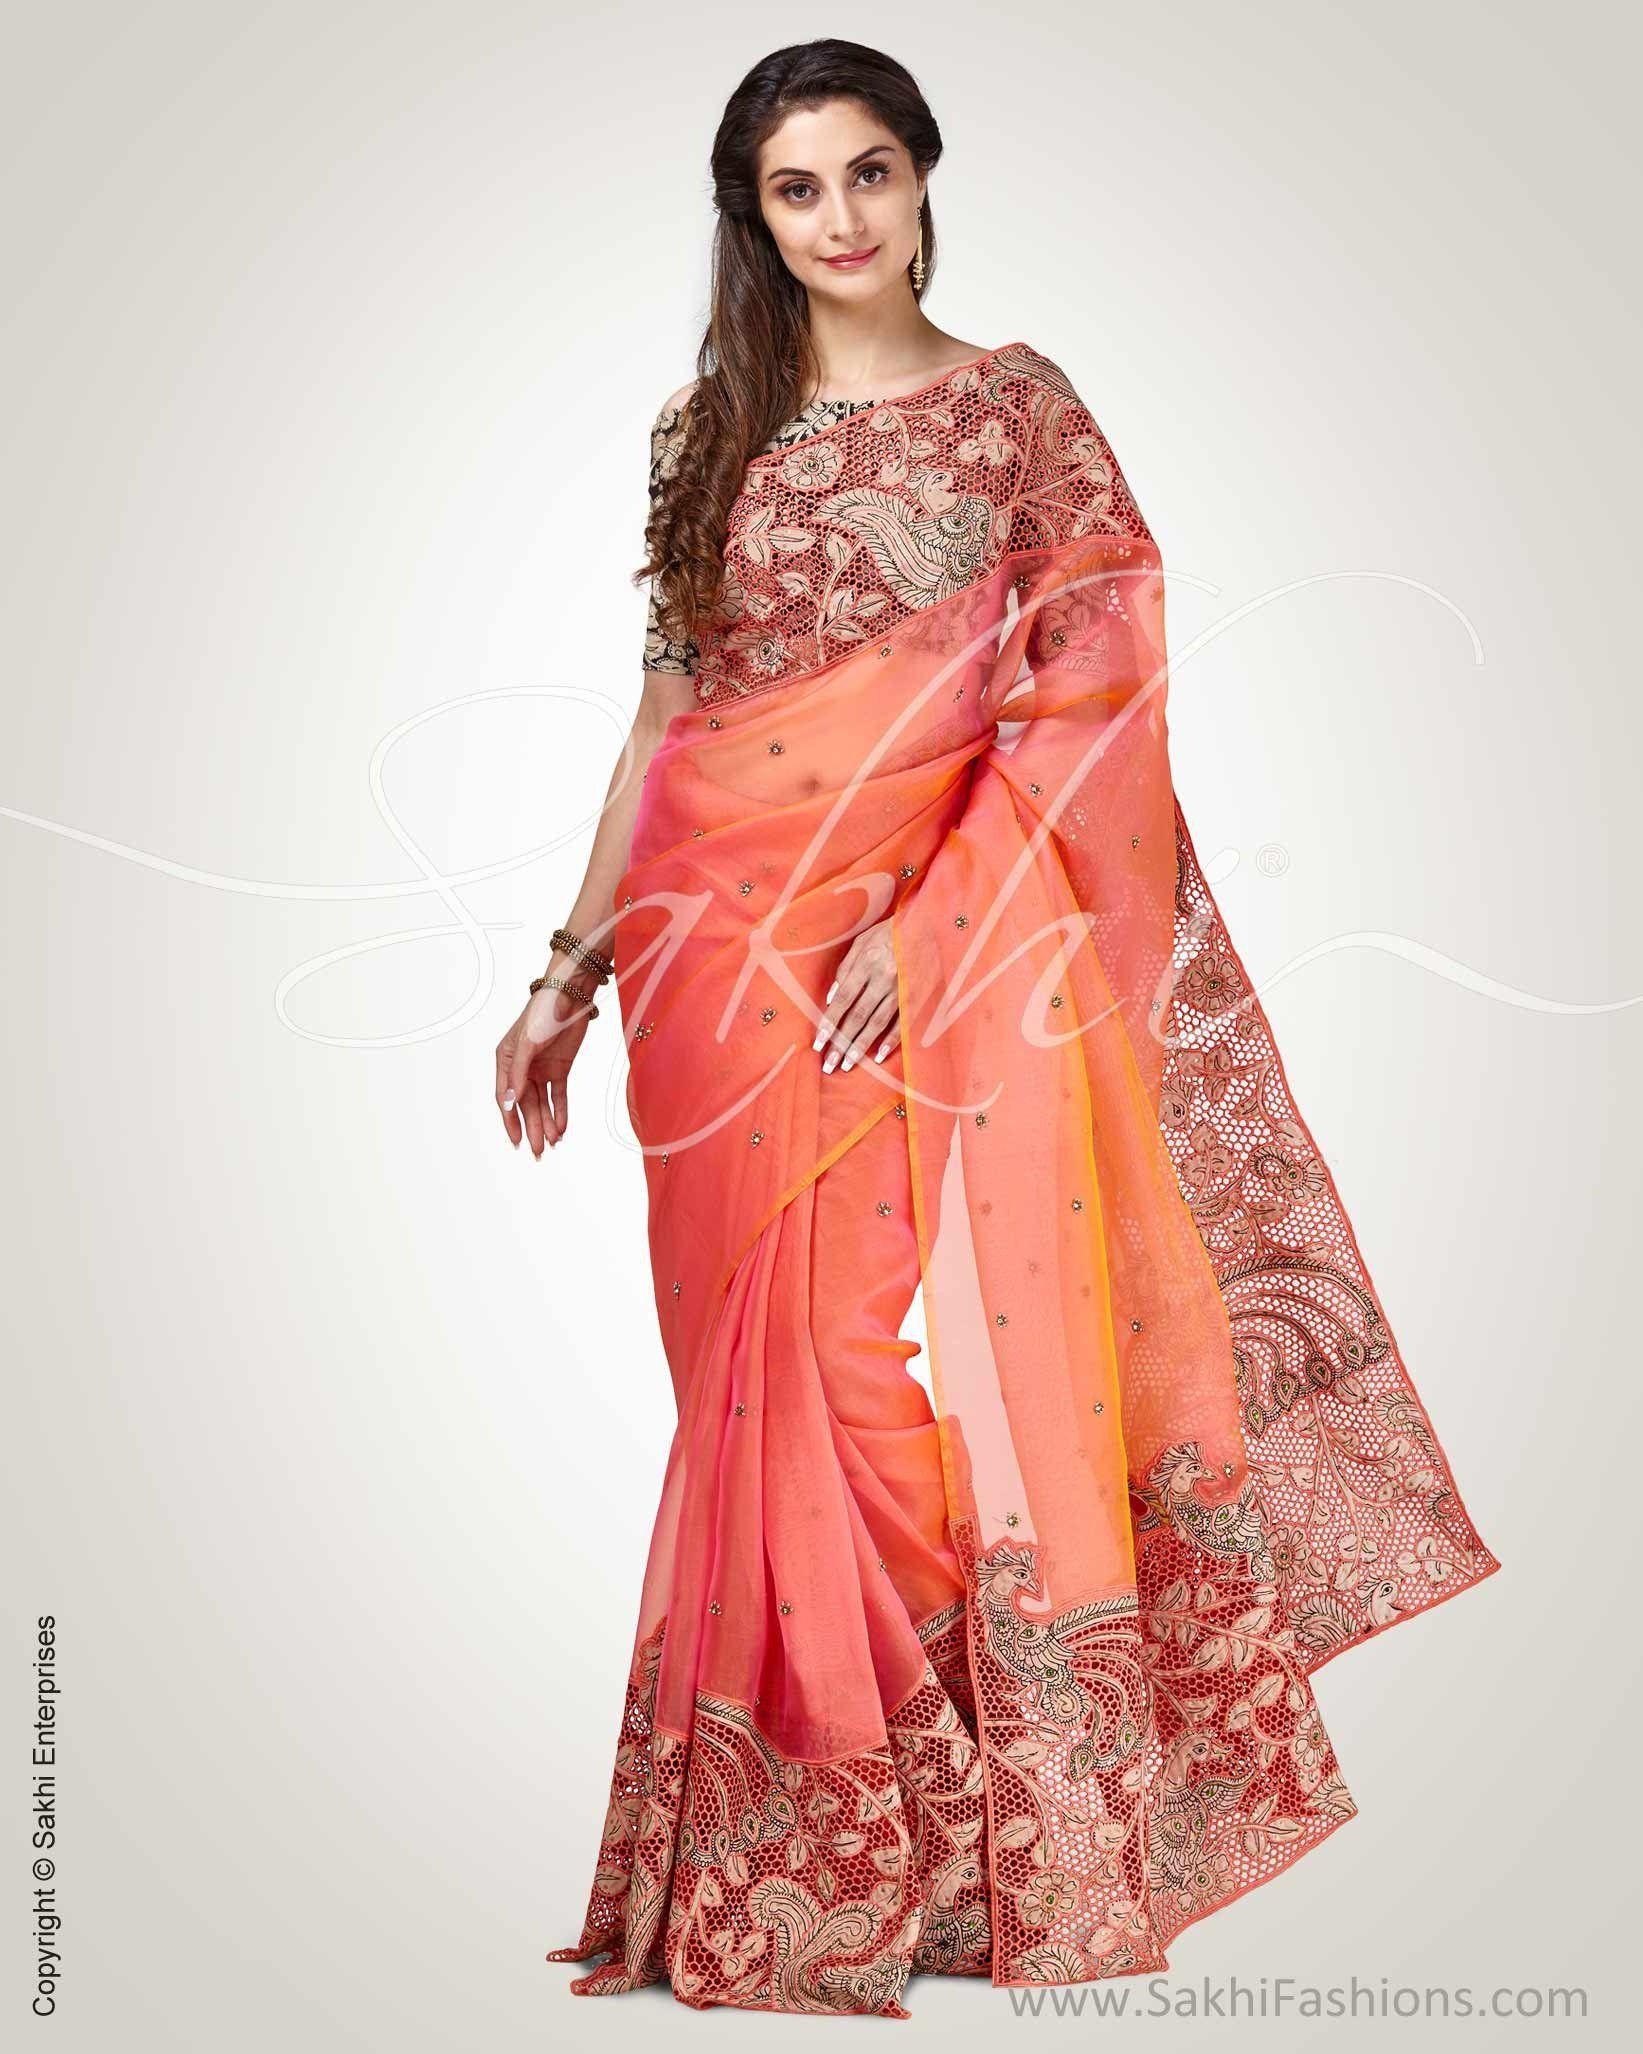 6ce8859b02 Stunning Peach & Cream Pure Organza Silk Saree elaborated with sakhi's  signature cut work design in kalamkari peacock. #design #fashion #stylish # organza ...